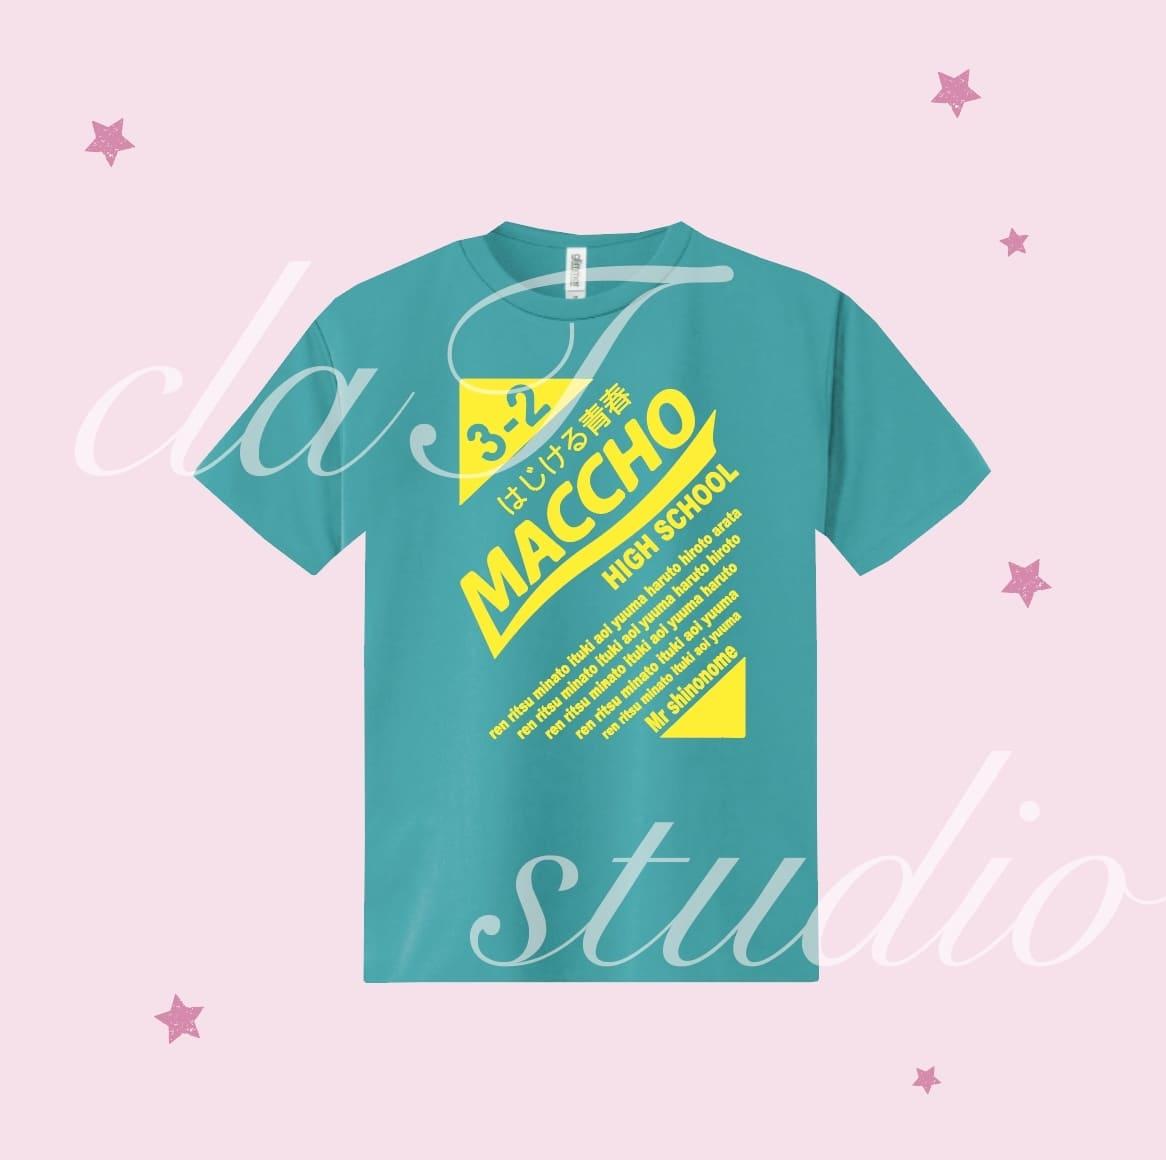 マッチ_design_0003